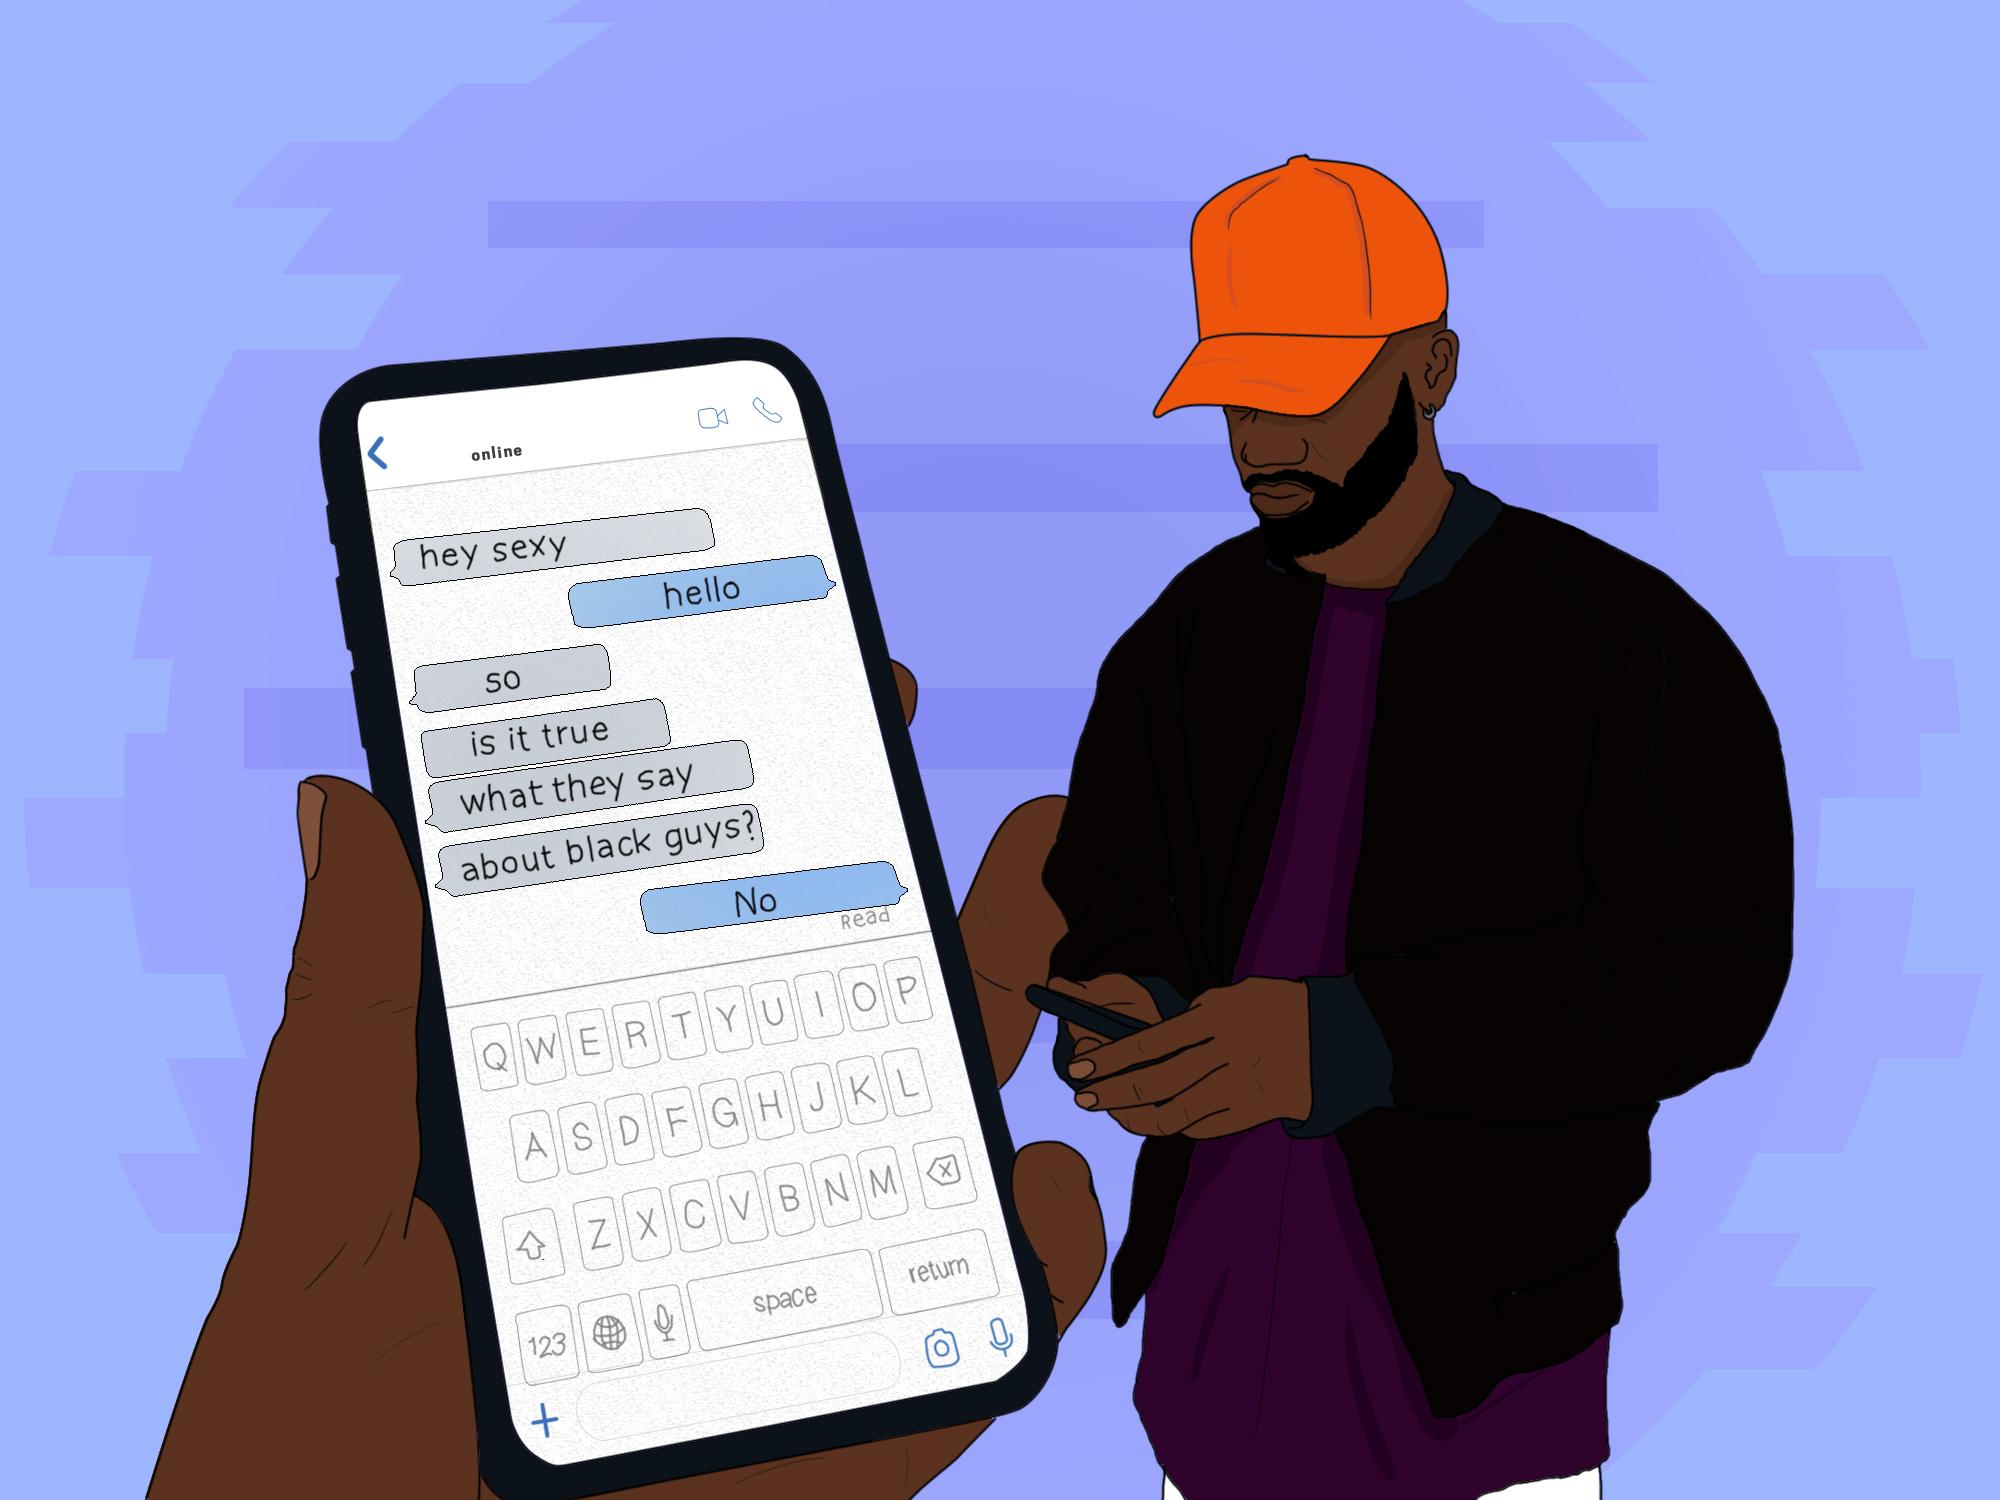 gay black dating site uk Android aplikace pro randění s přáteli v Austrálii